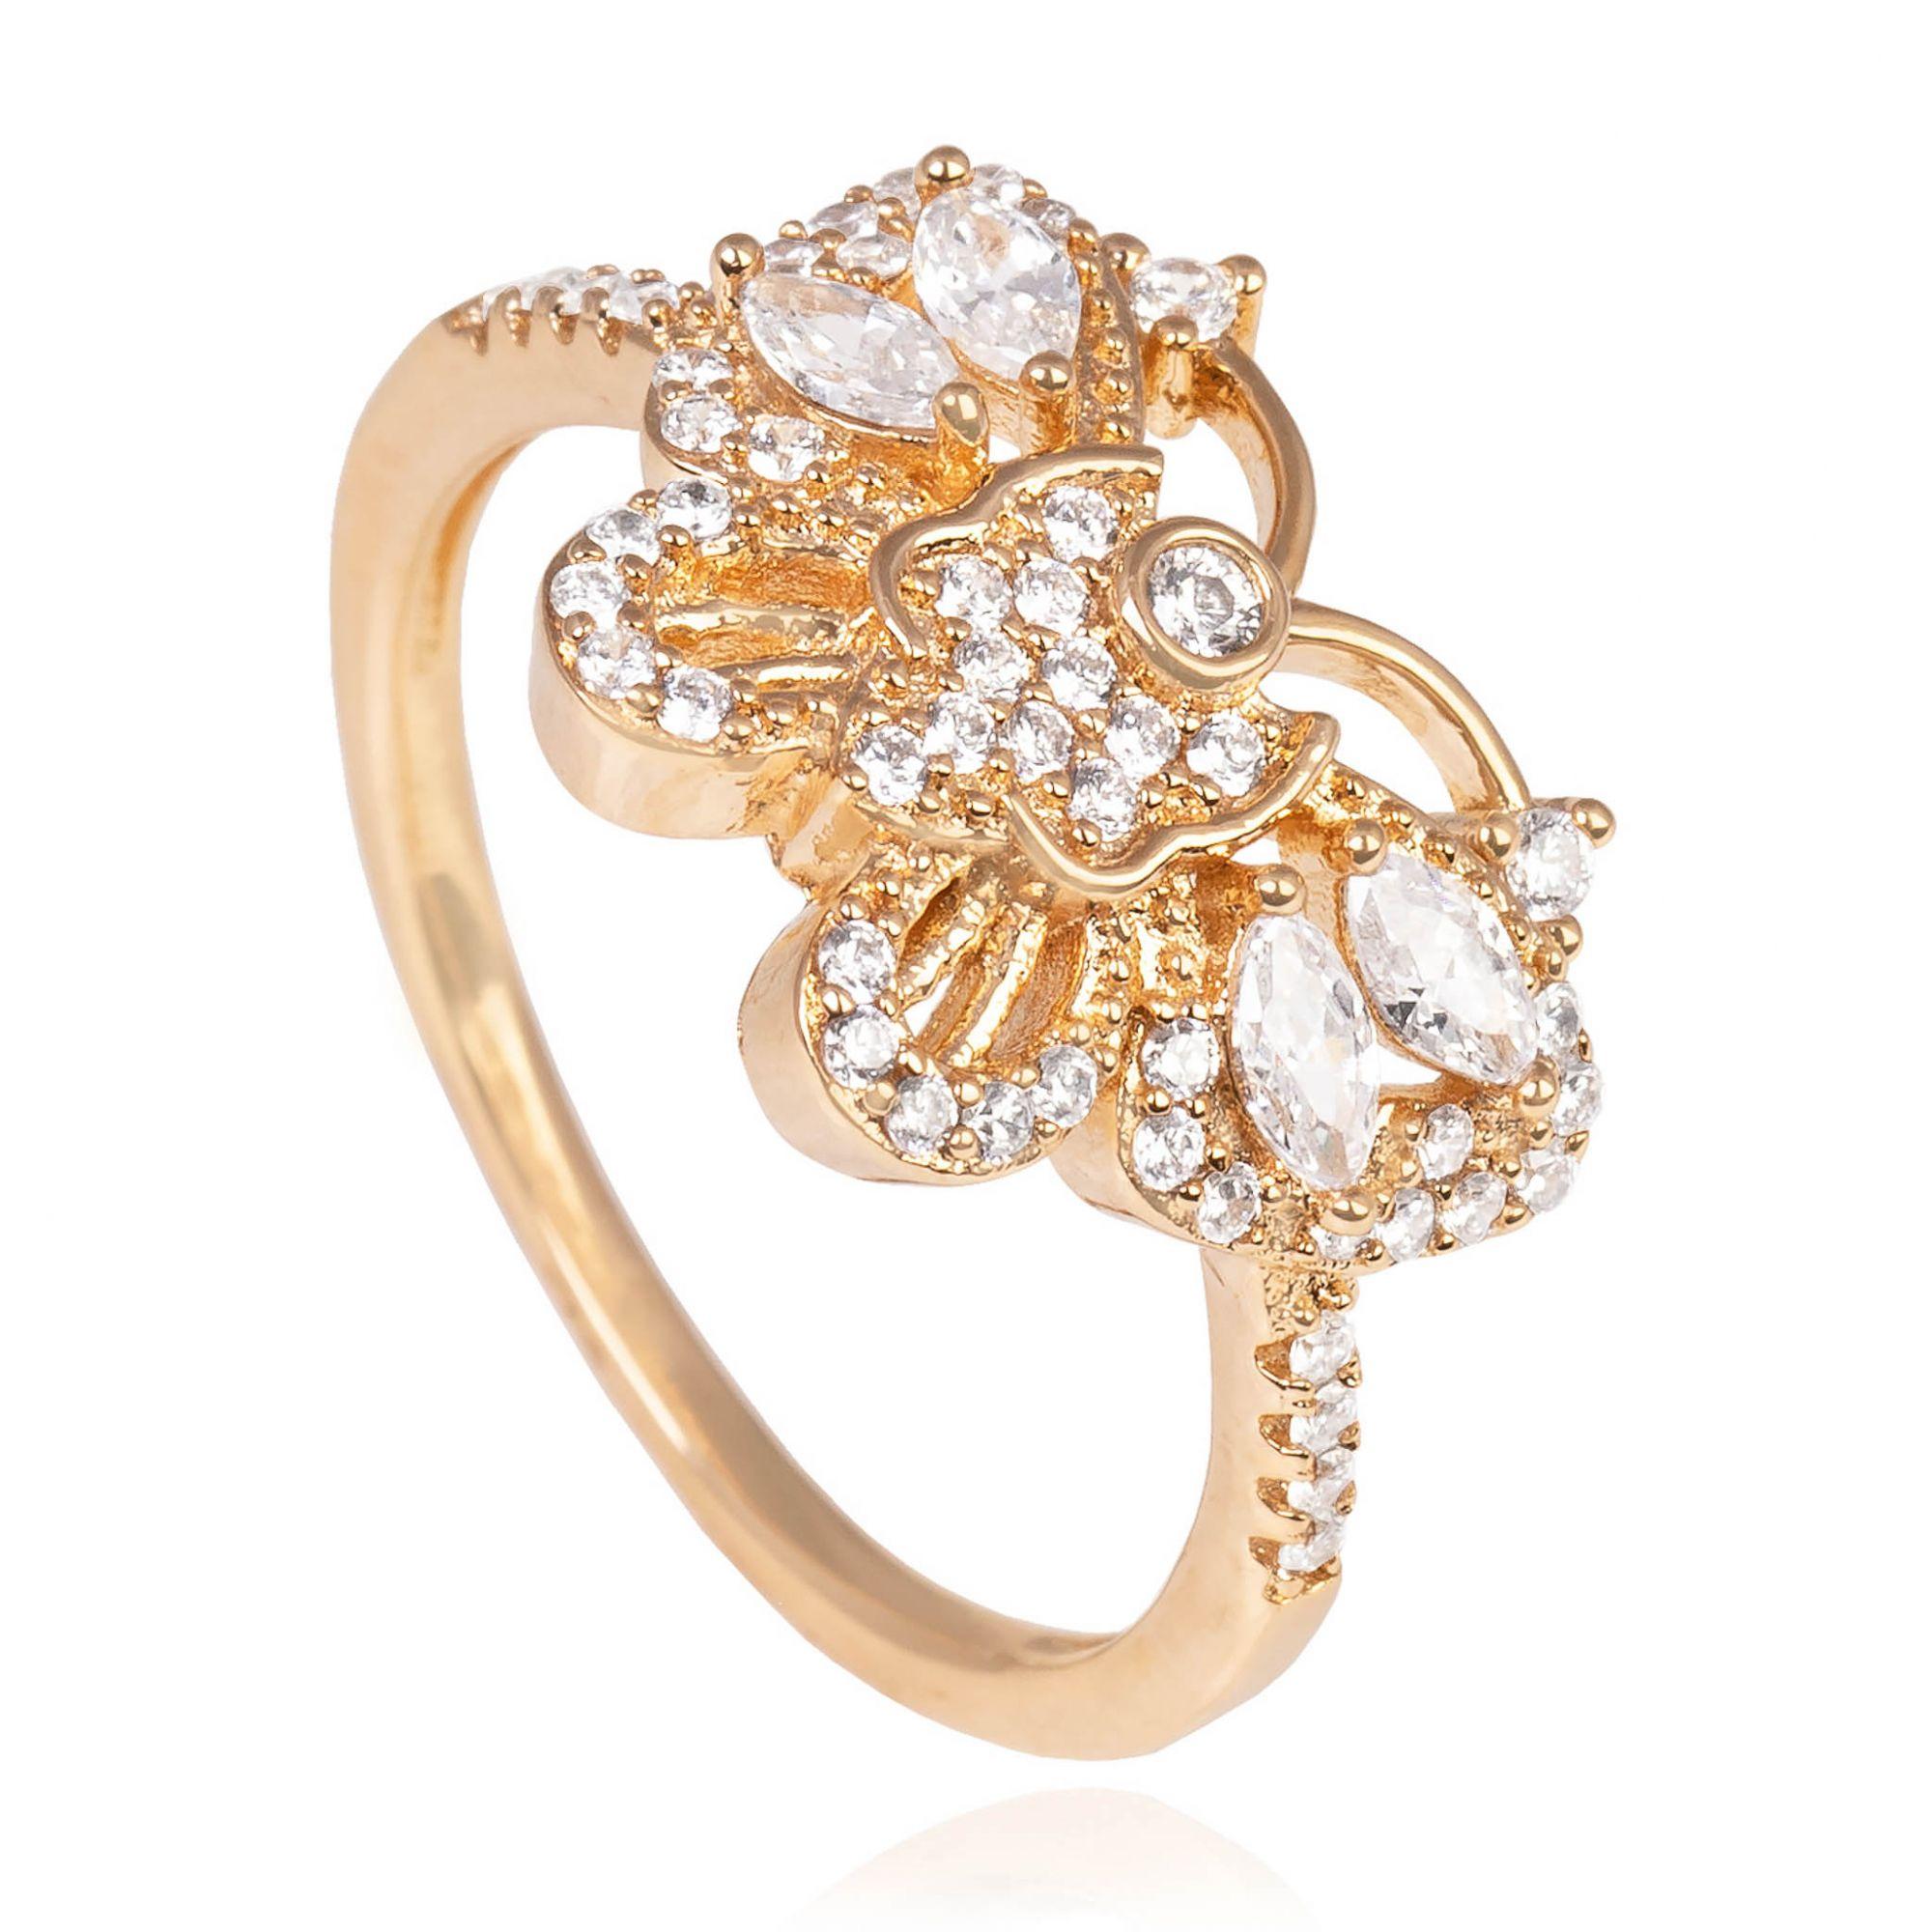 Anel de borboleta com zircônias cristais banhado a ouro 18k.  - romabrazil.com.br